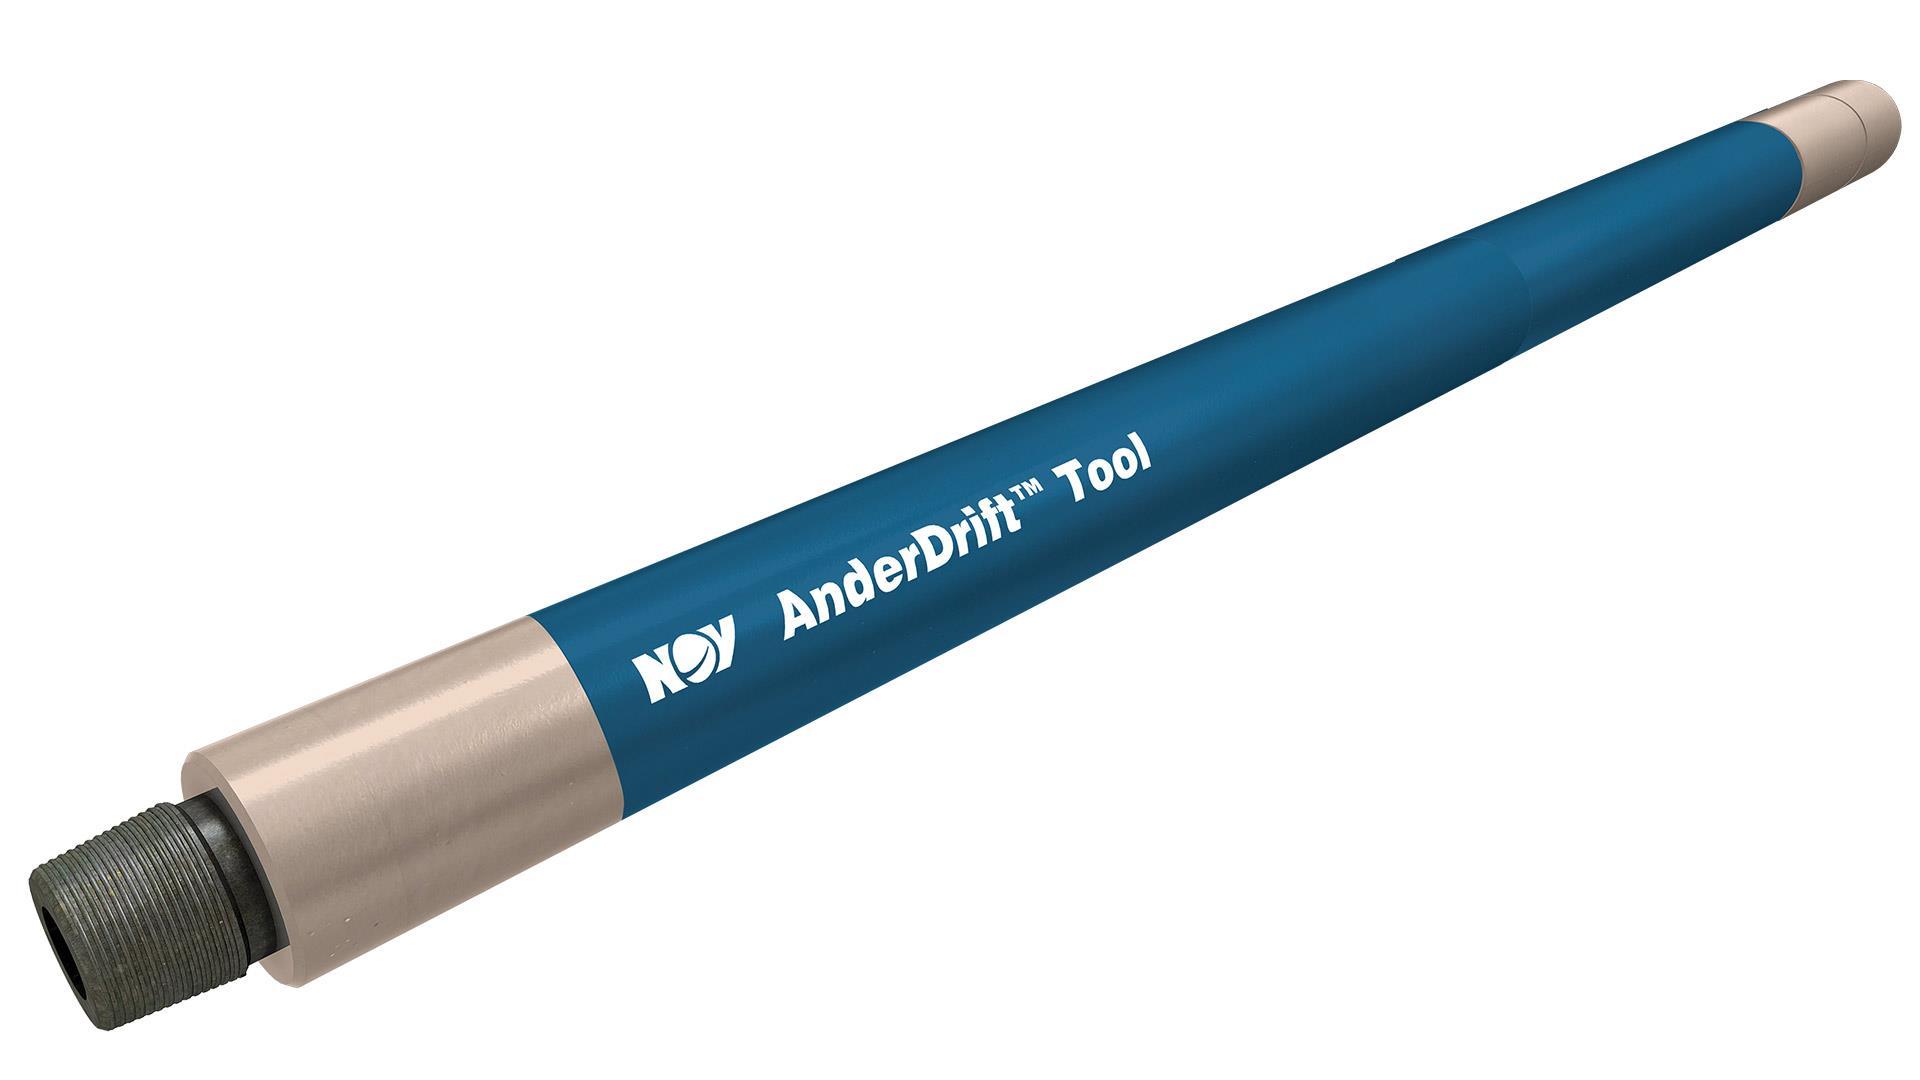 A render of an AnderDrift Mechanical Survey Tool